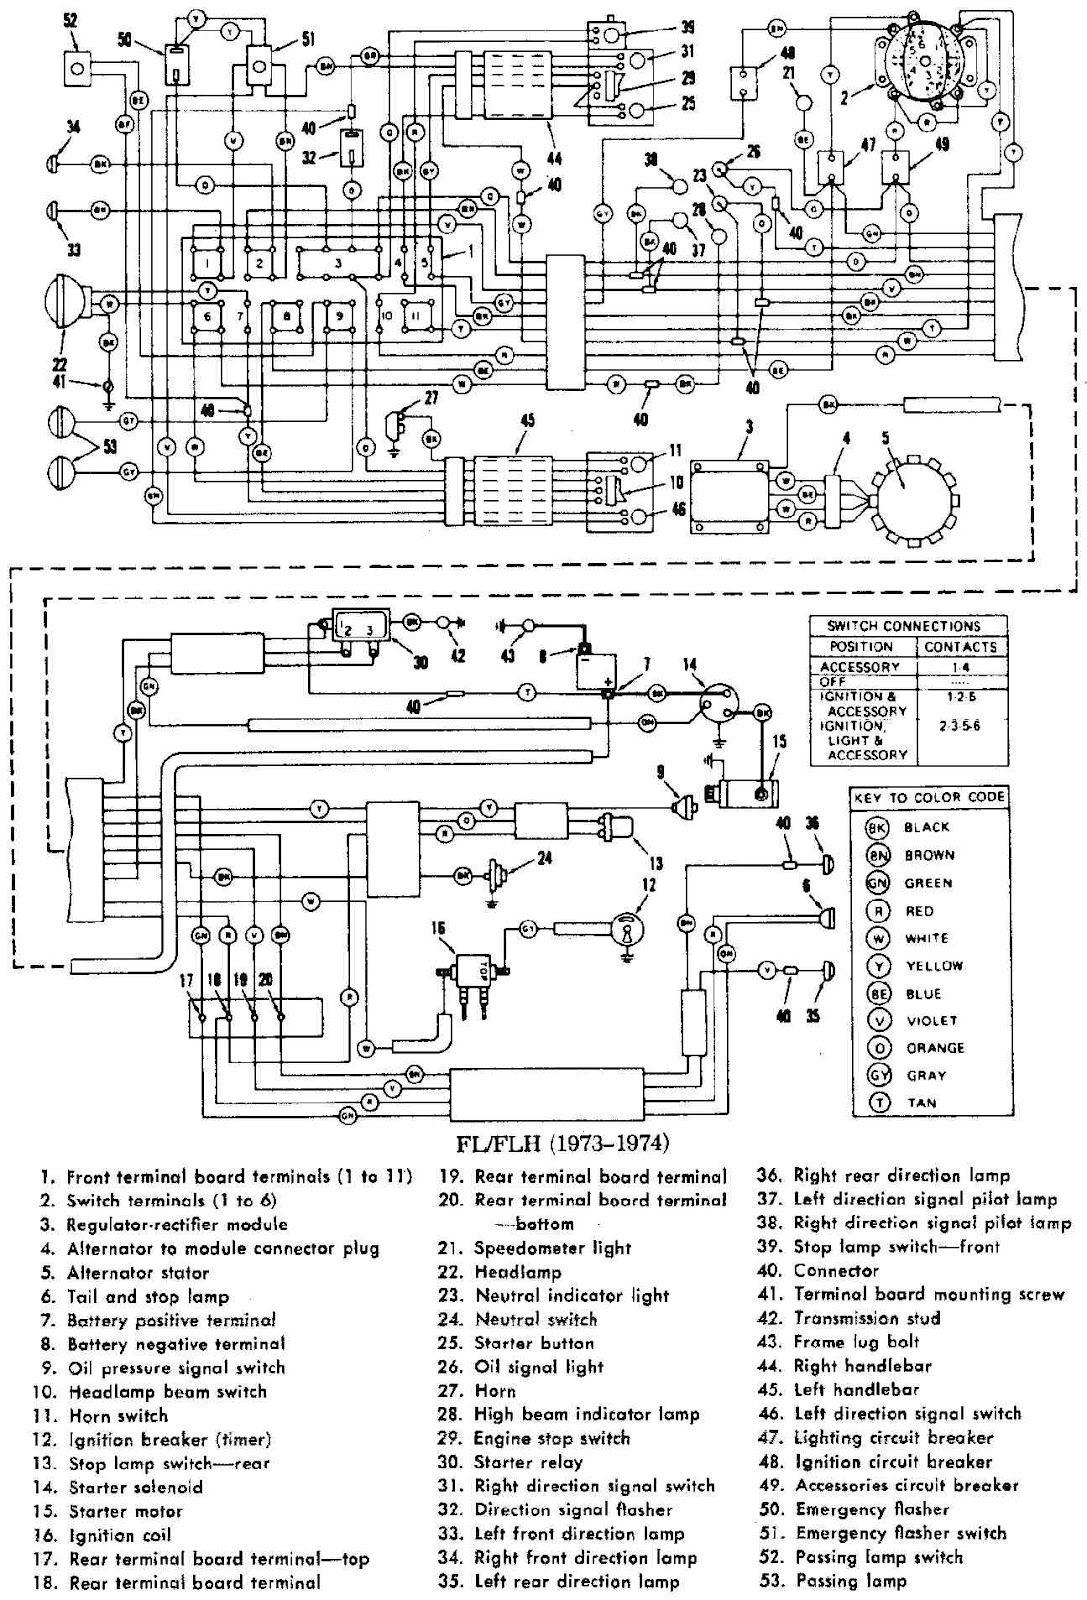 Harley Wiring Diagram : harley, wiring, diagram, Wiring, Diagram